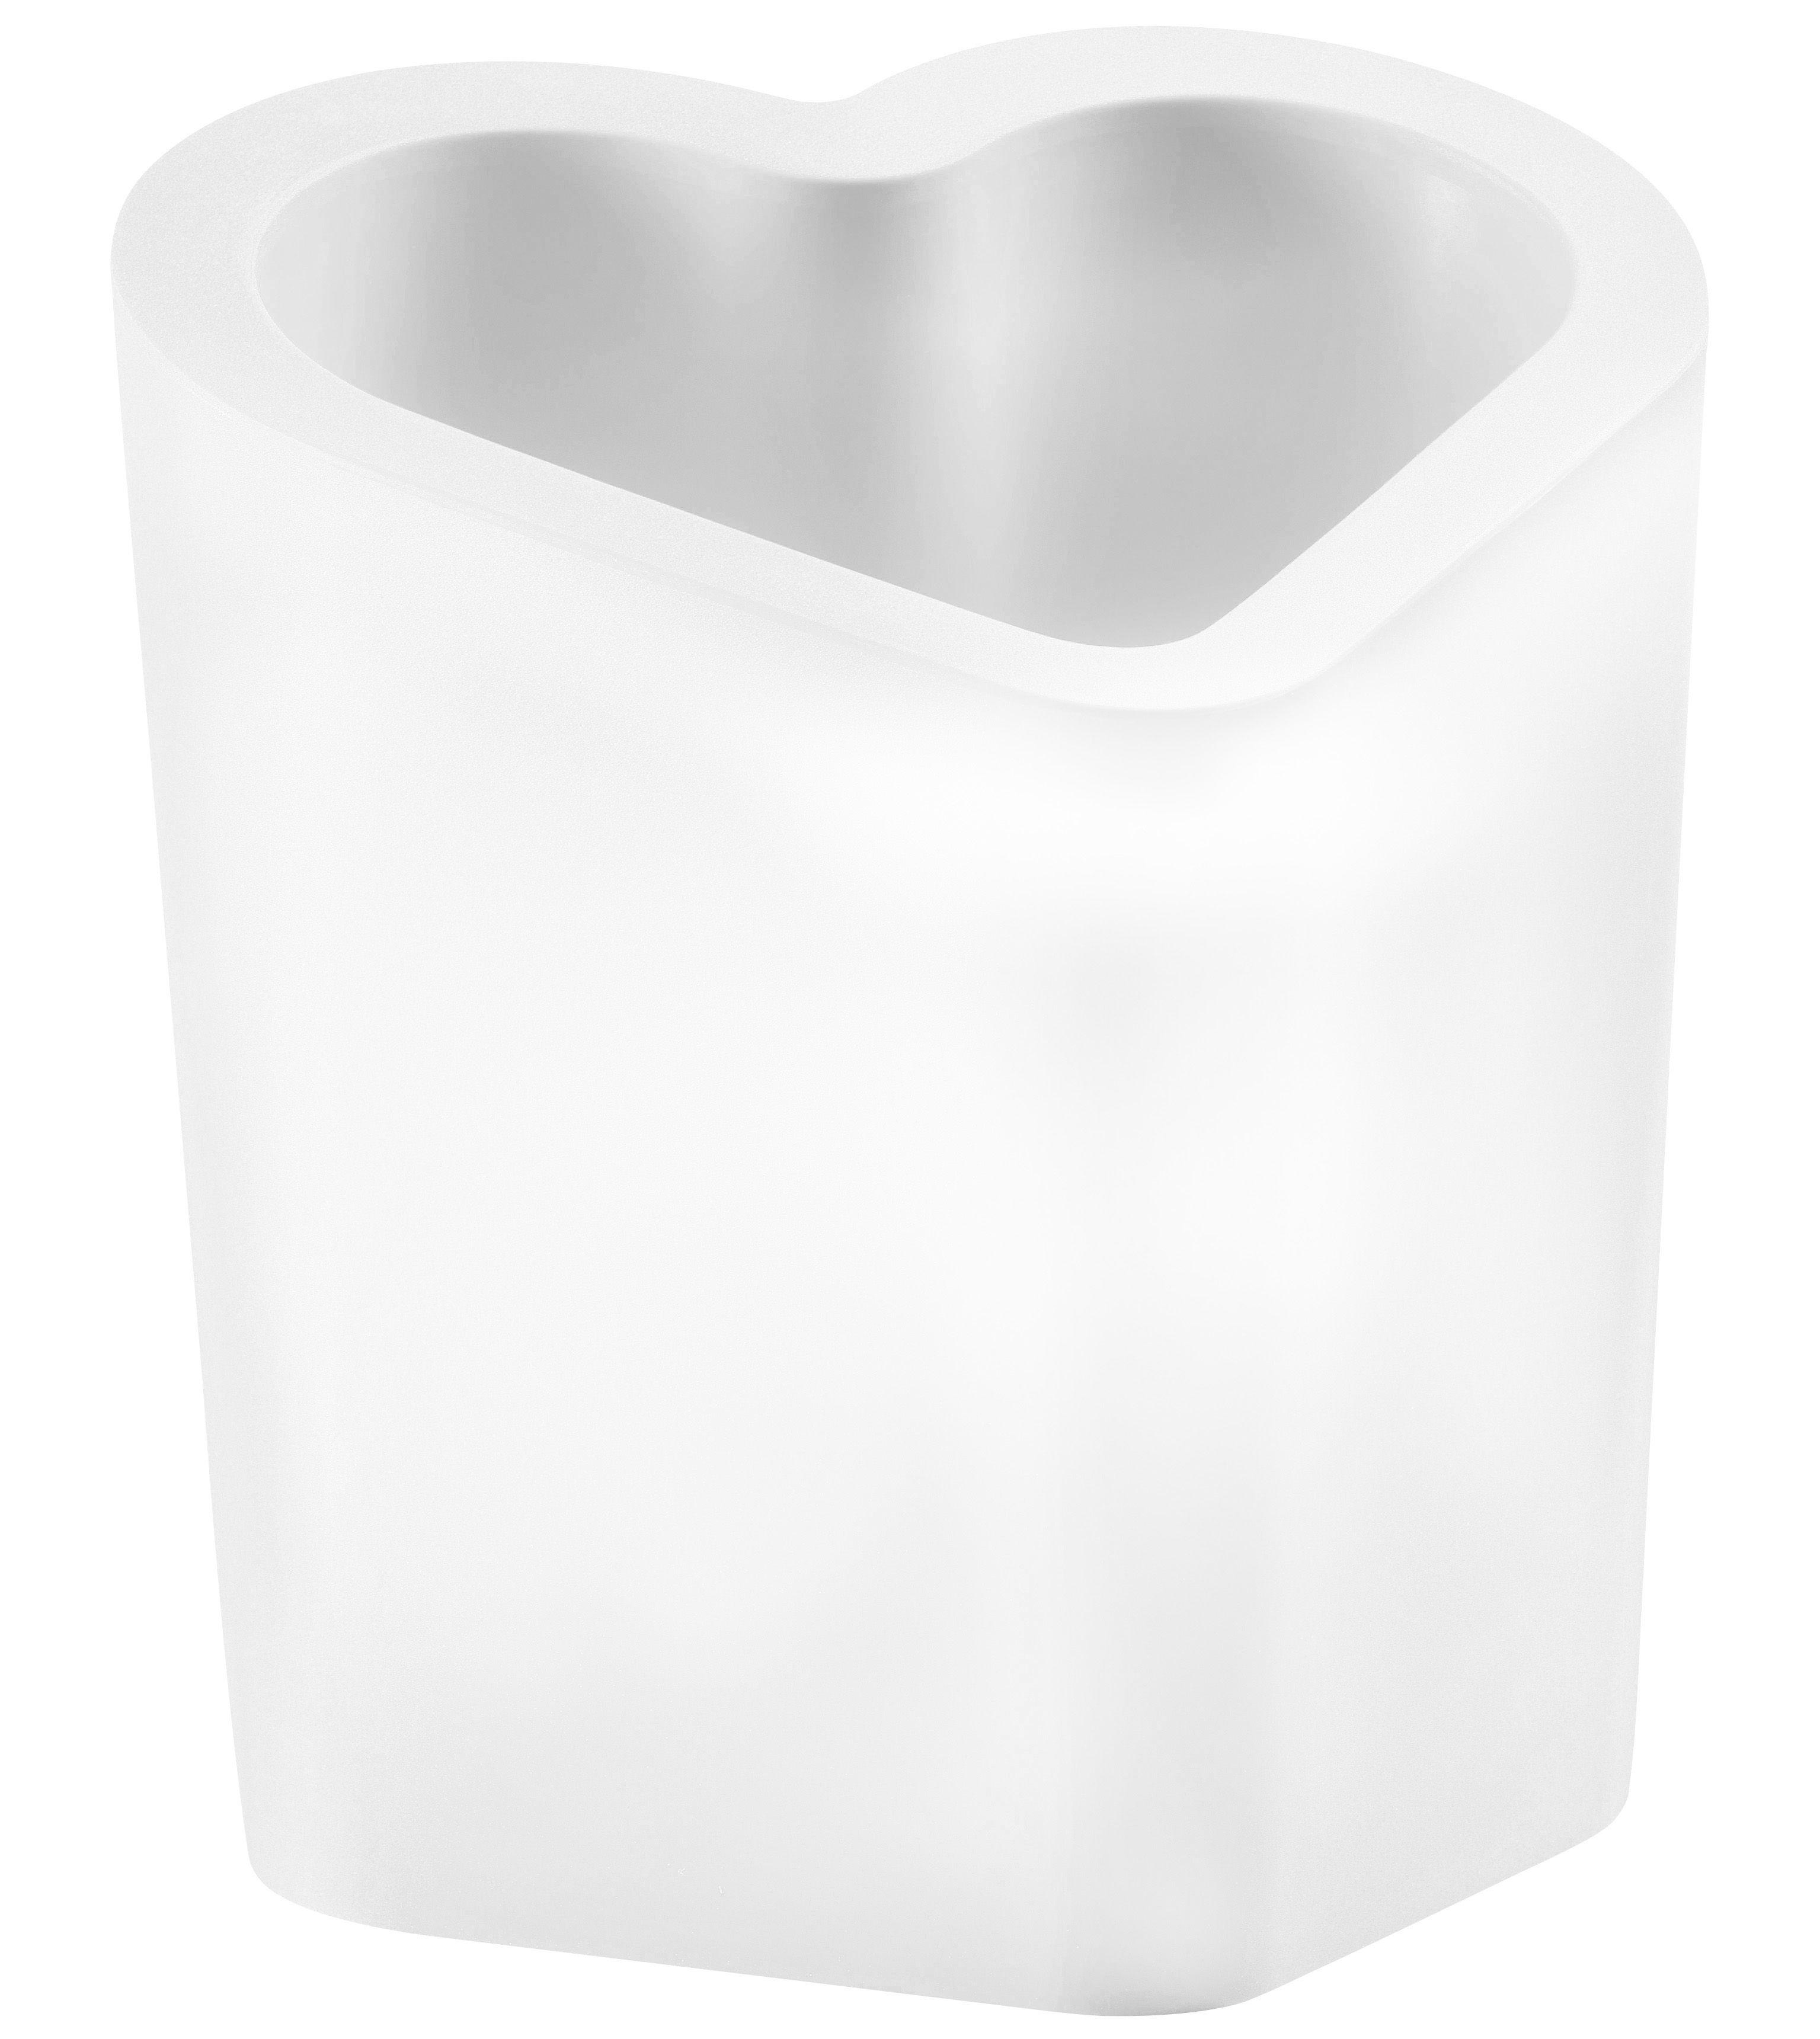 Mobilier - Mobilier lumineux - Porte-bouteilles lumineux Mon Amour - Slide - Blanc - Extérieur - Polyéthylène